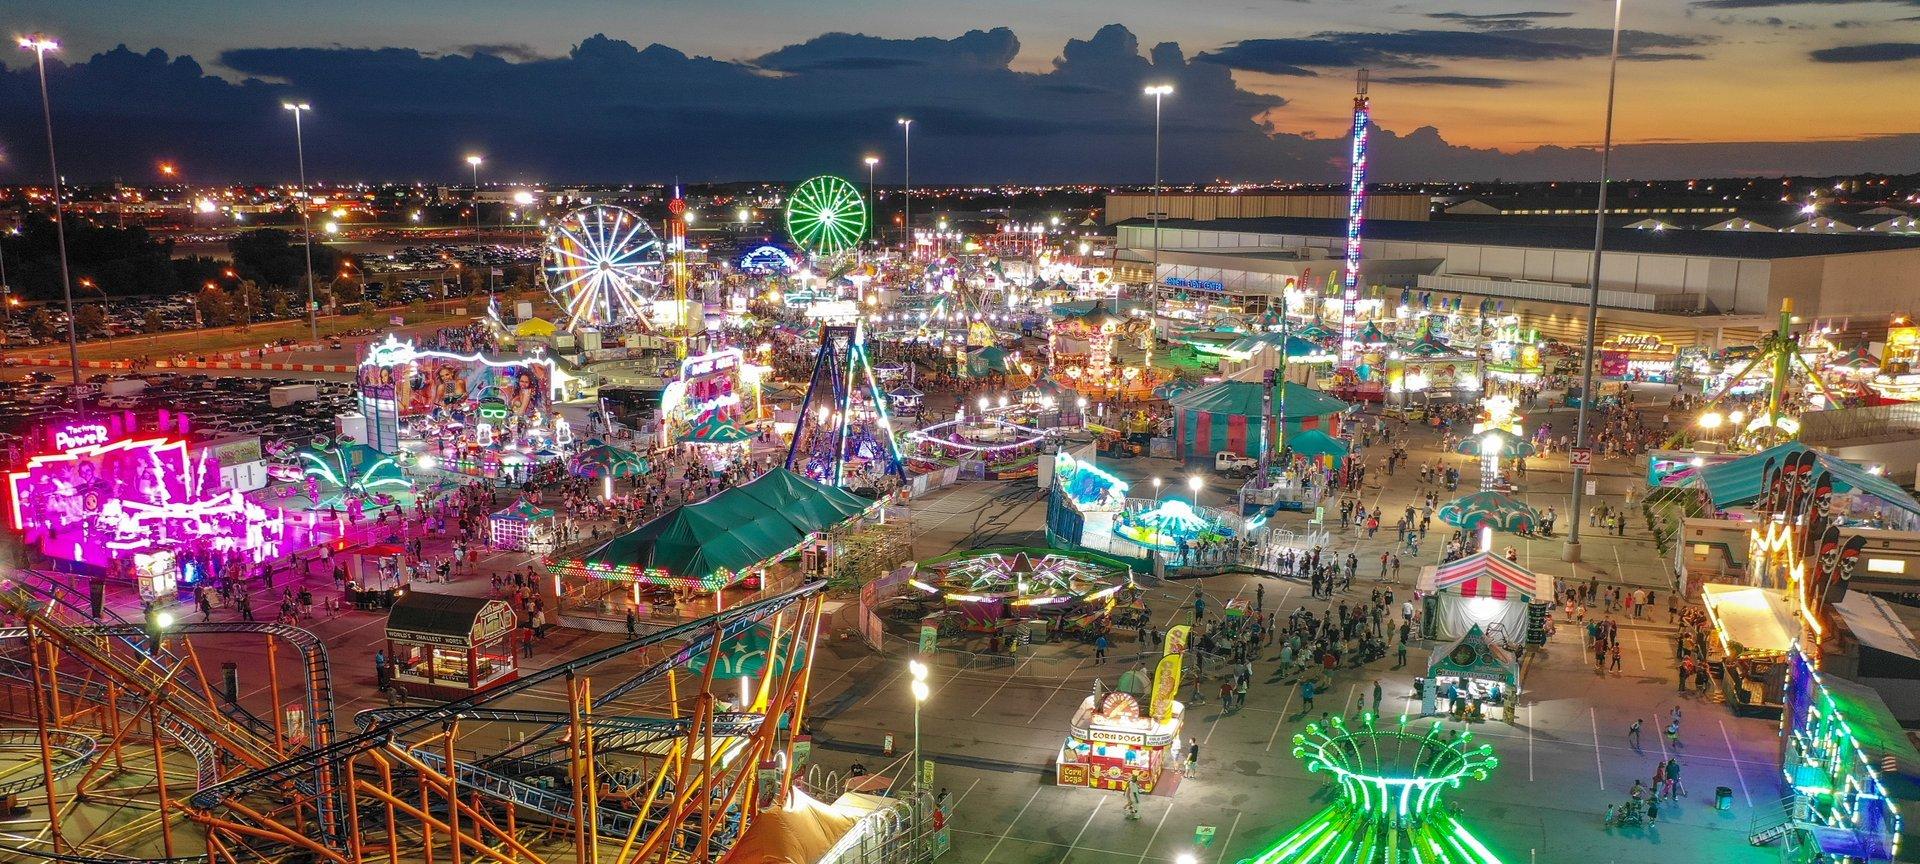 Tn State Fair 2020.Oklahoma State Fair 2020 Dates Map